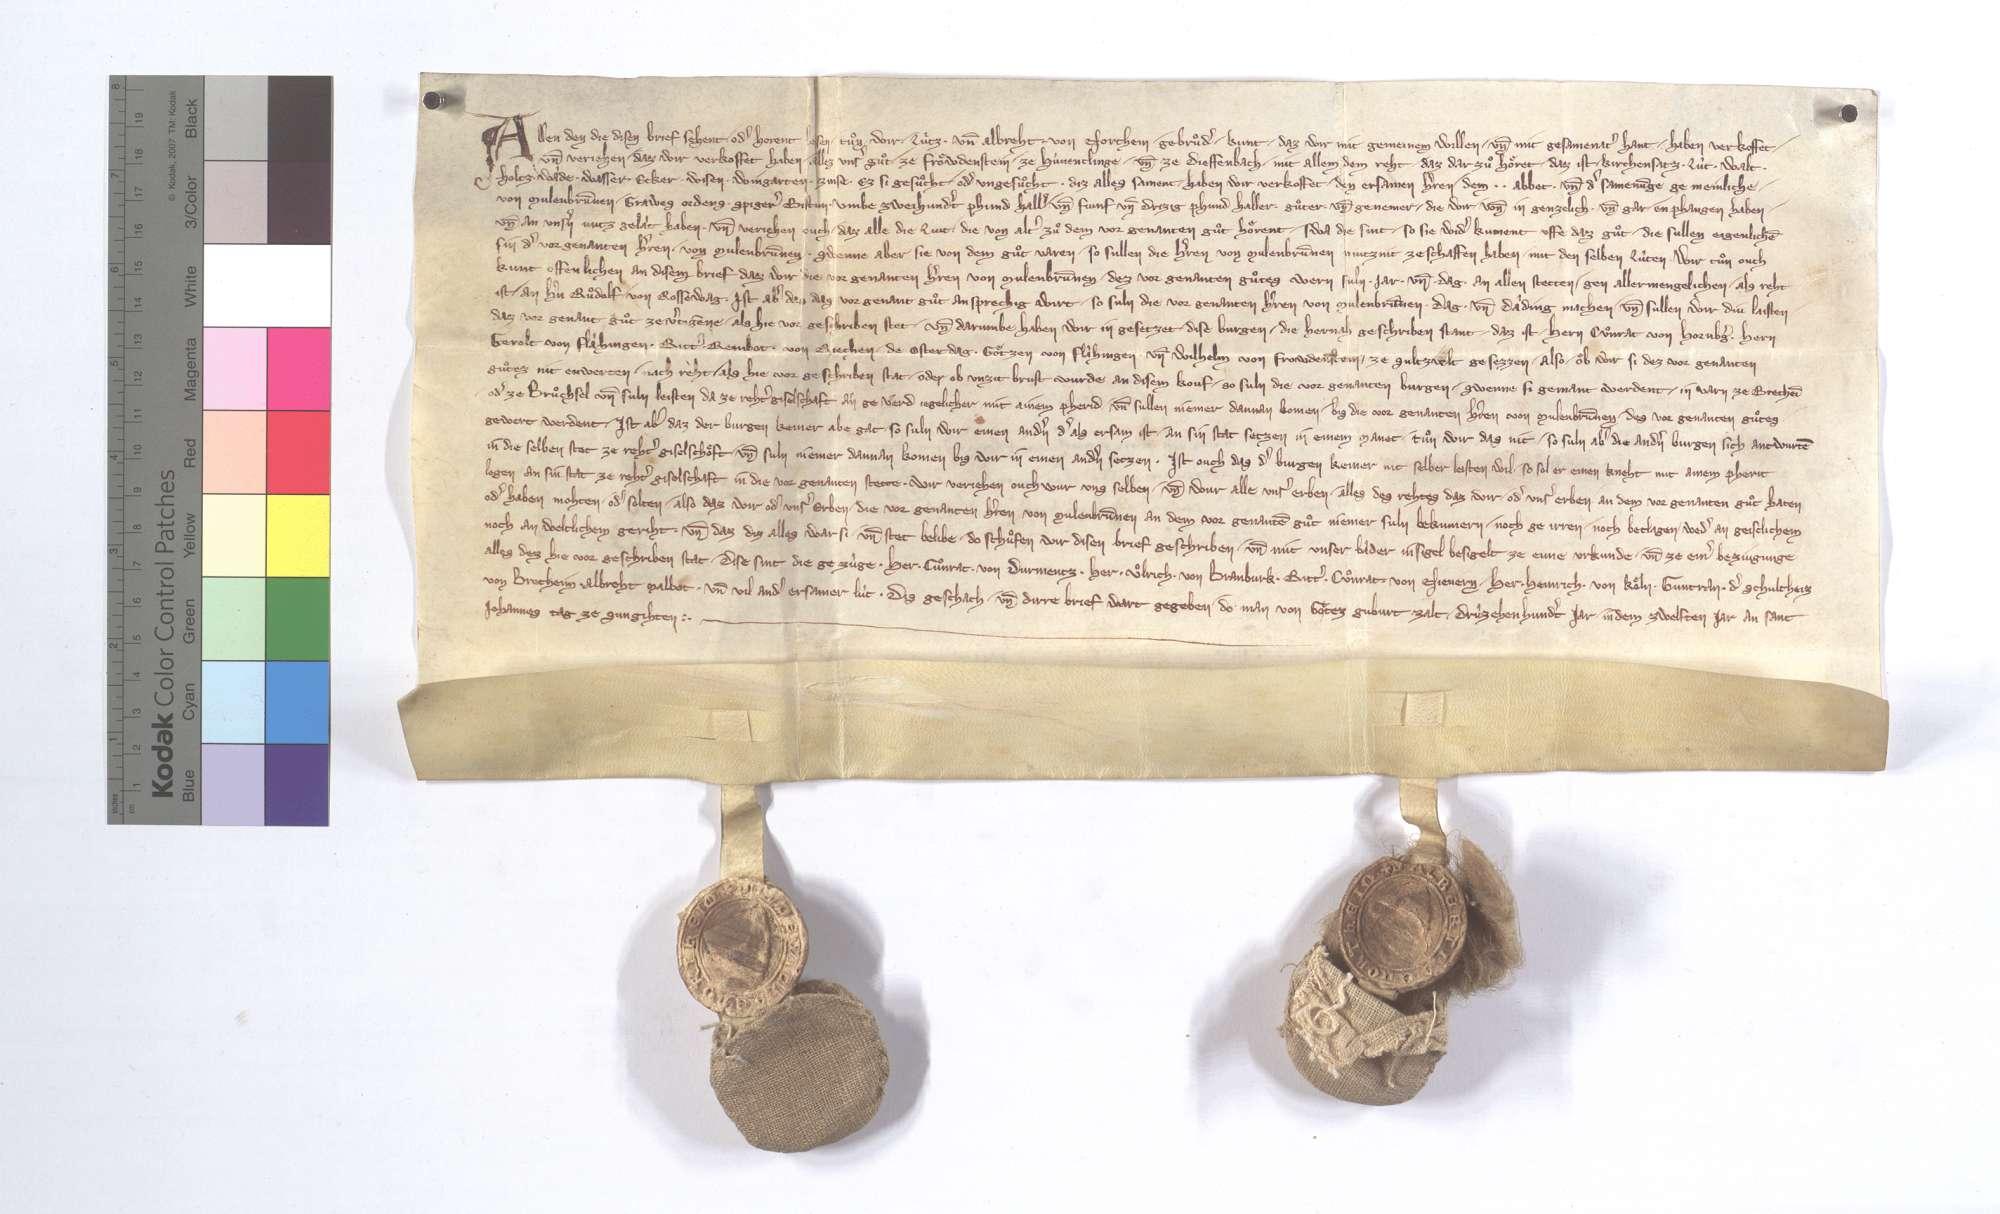 Lutz und Albrecht von Nordheim verkaufen dem Kloster Maulbronn alle ihre Gerechtsame, Zins und Gülten in Freudenstein und Dieffenbach., Text